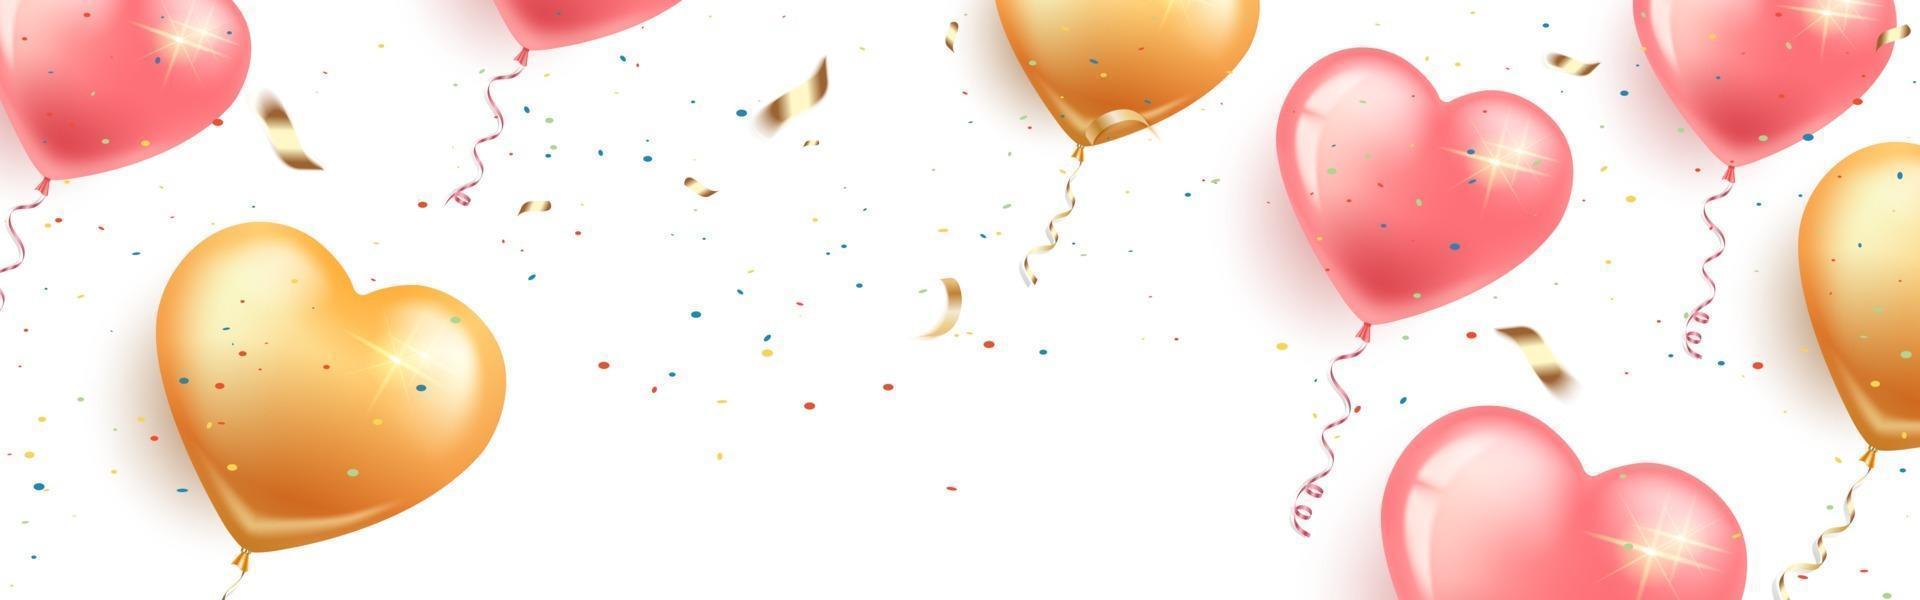 bannière horizontale festive avec des ballons en forme de coeur rose et or, des confettis et de la serpentine. carte joyeux anniversaire, journée de la femme, Saint Valentin, mariage. fond blanc isolé. vecteur